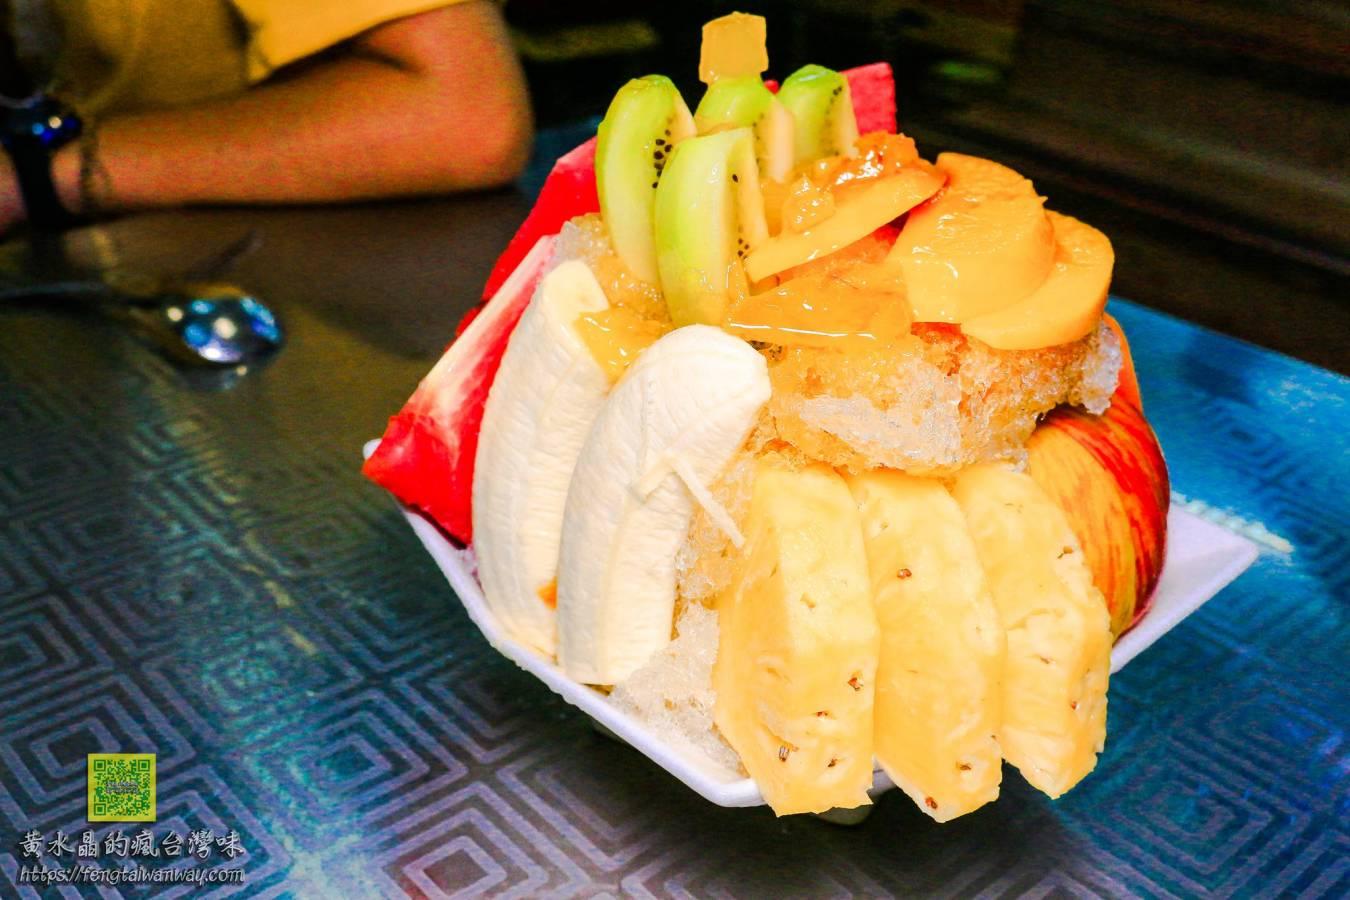 小玲冰果室【大溪冰店】|大溪老街必吃大份量當季新鮮水果冰還有大溪豆干 @黃水晶的瘋台灣味